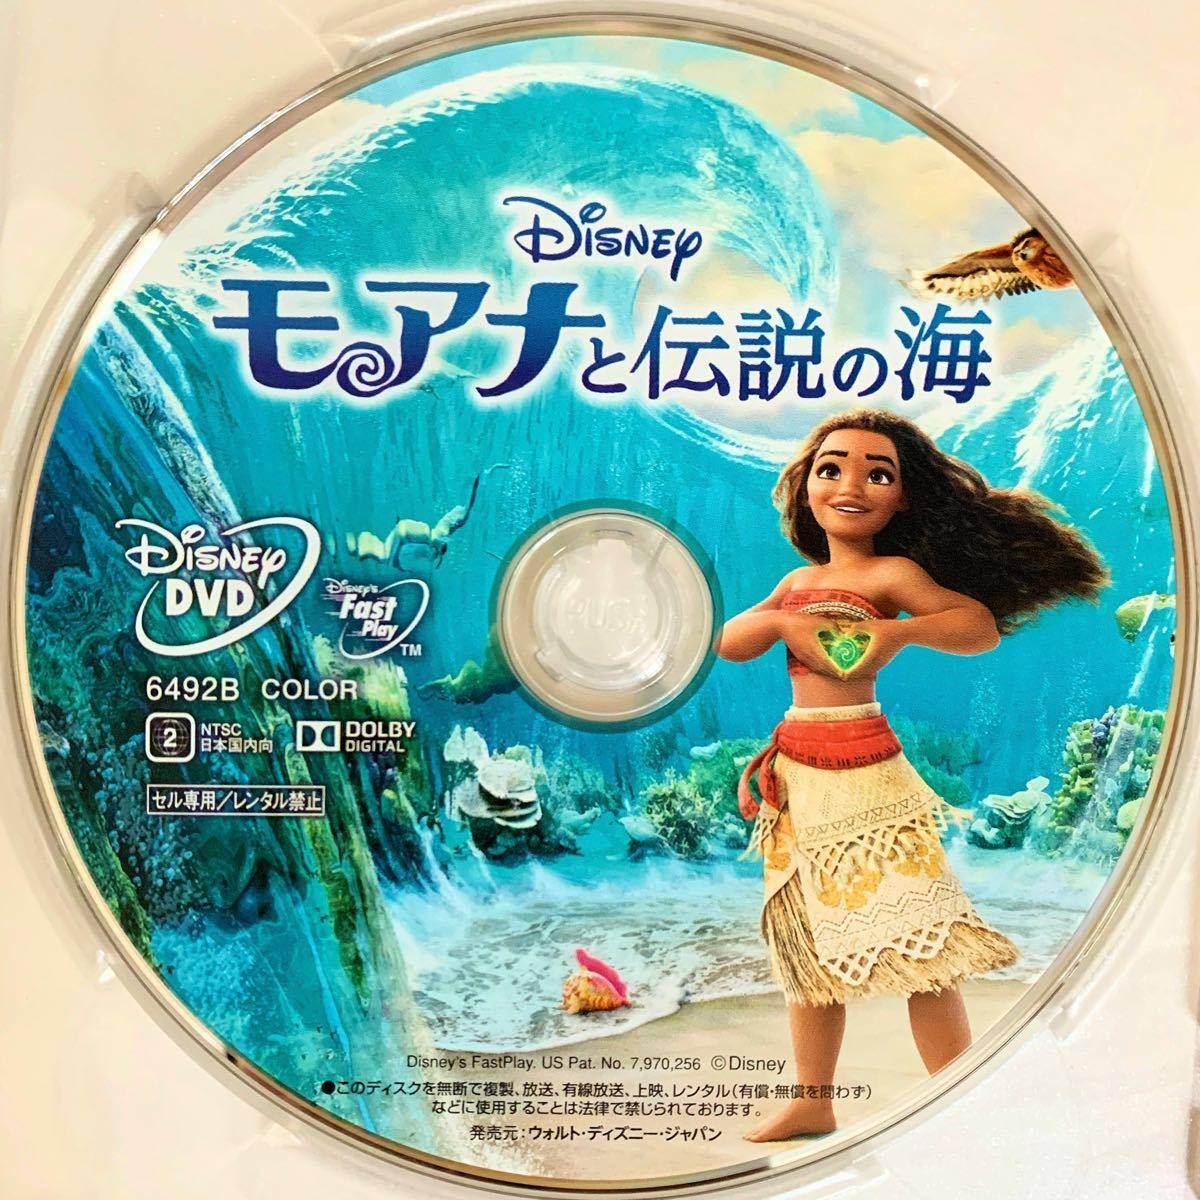 モアナと伝説の海 DVD【国内正規版】新品未再生 MovieNEX  ディズニー Disney